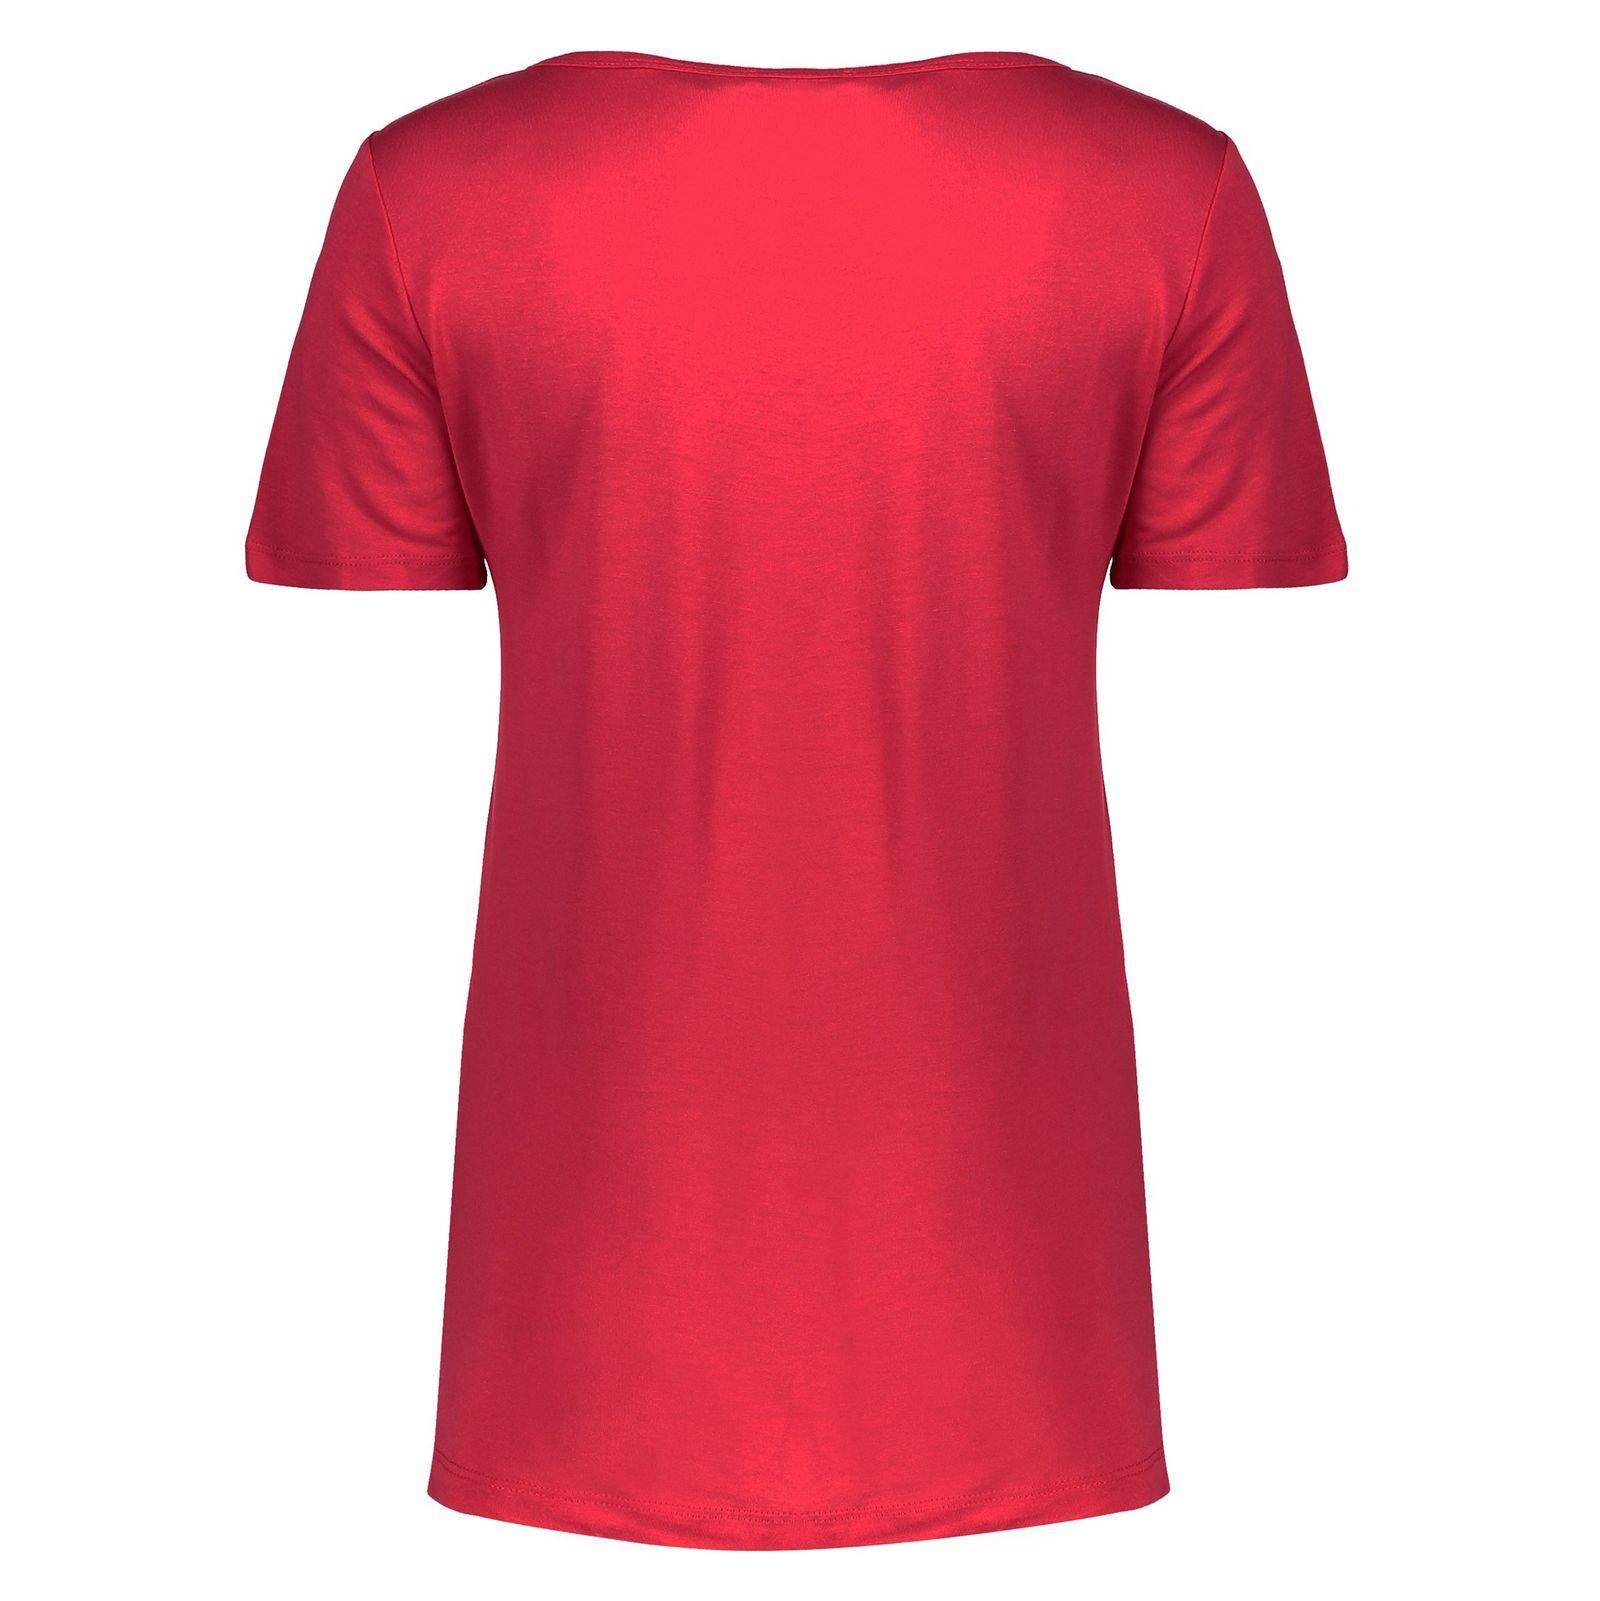 تی شرت ویسکوز یقه گرد زنانه - ال سی وایکیکی - قرمز - 2